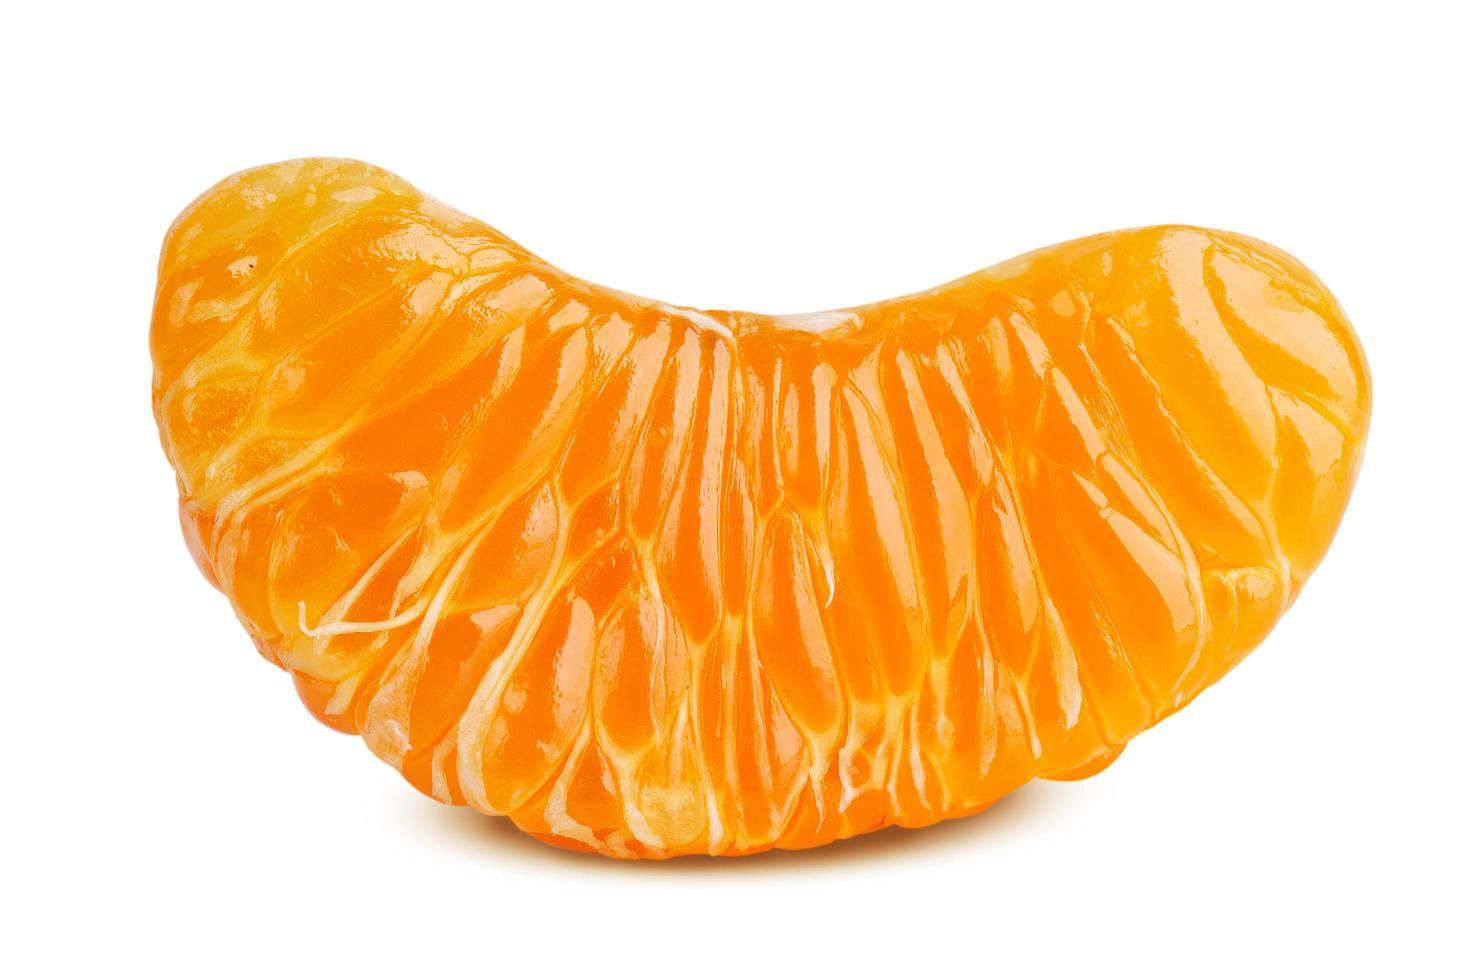 heerlijk plakje rijpe mandarijn foto